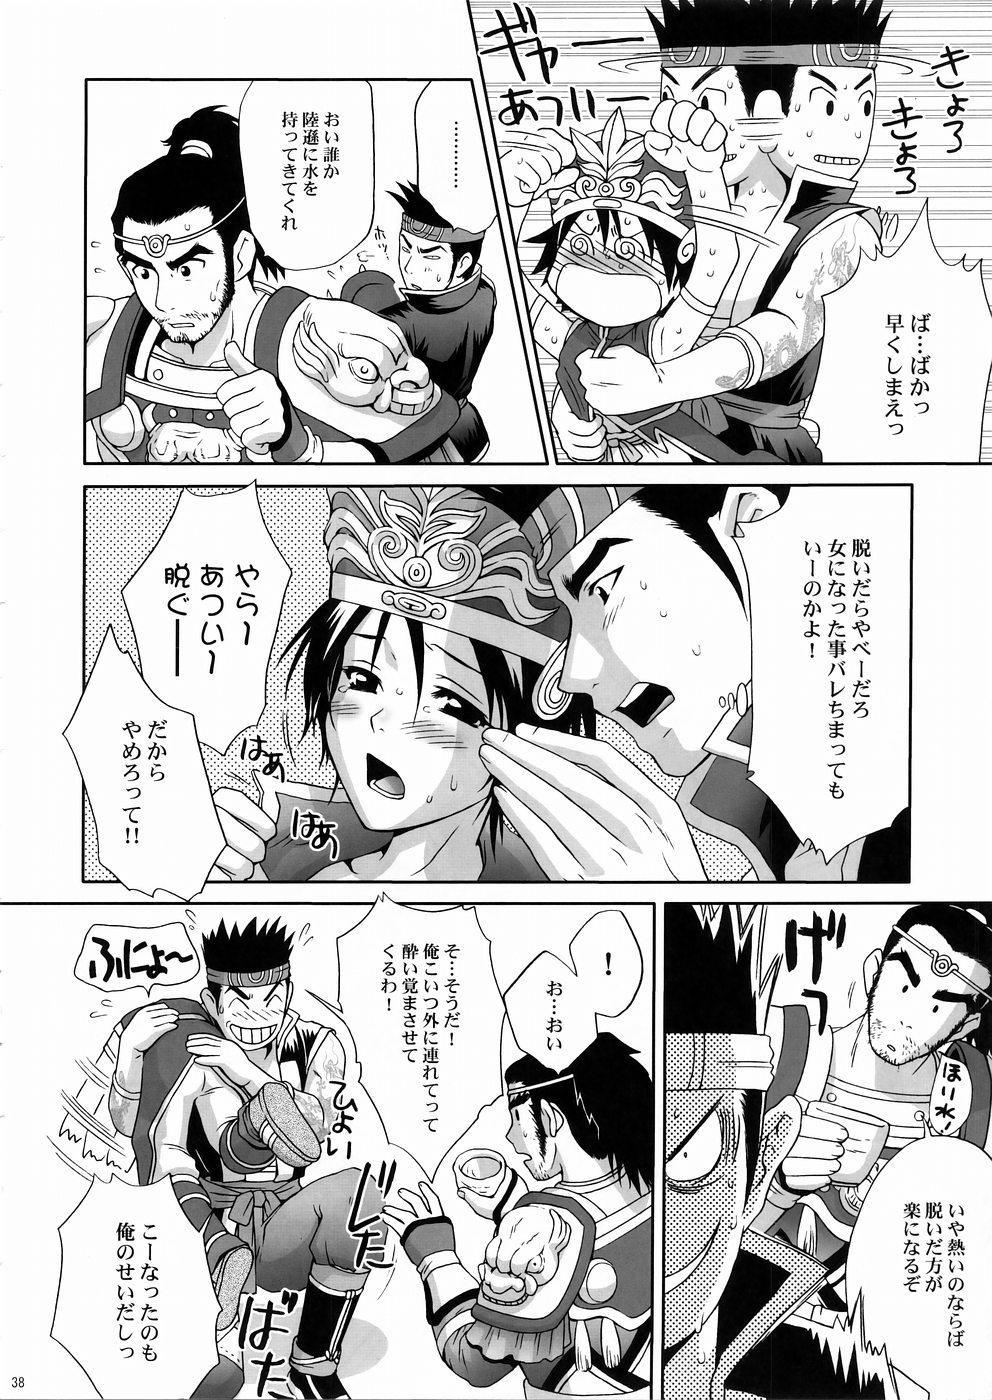 In Sangoku Musou 3 36